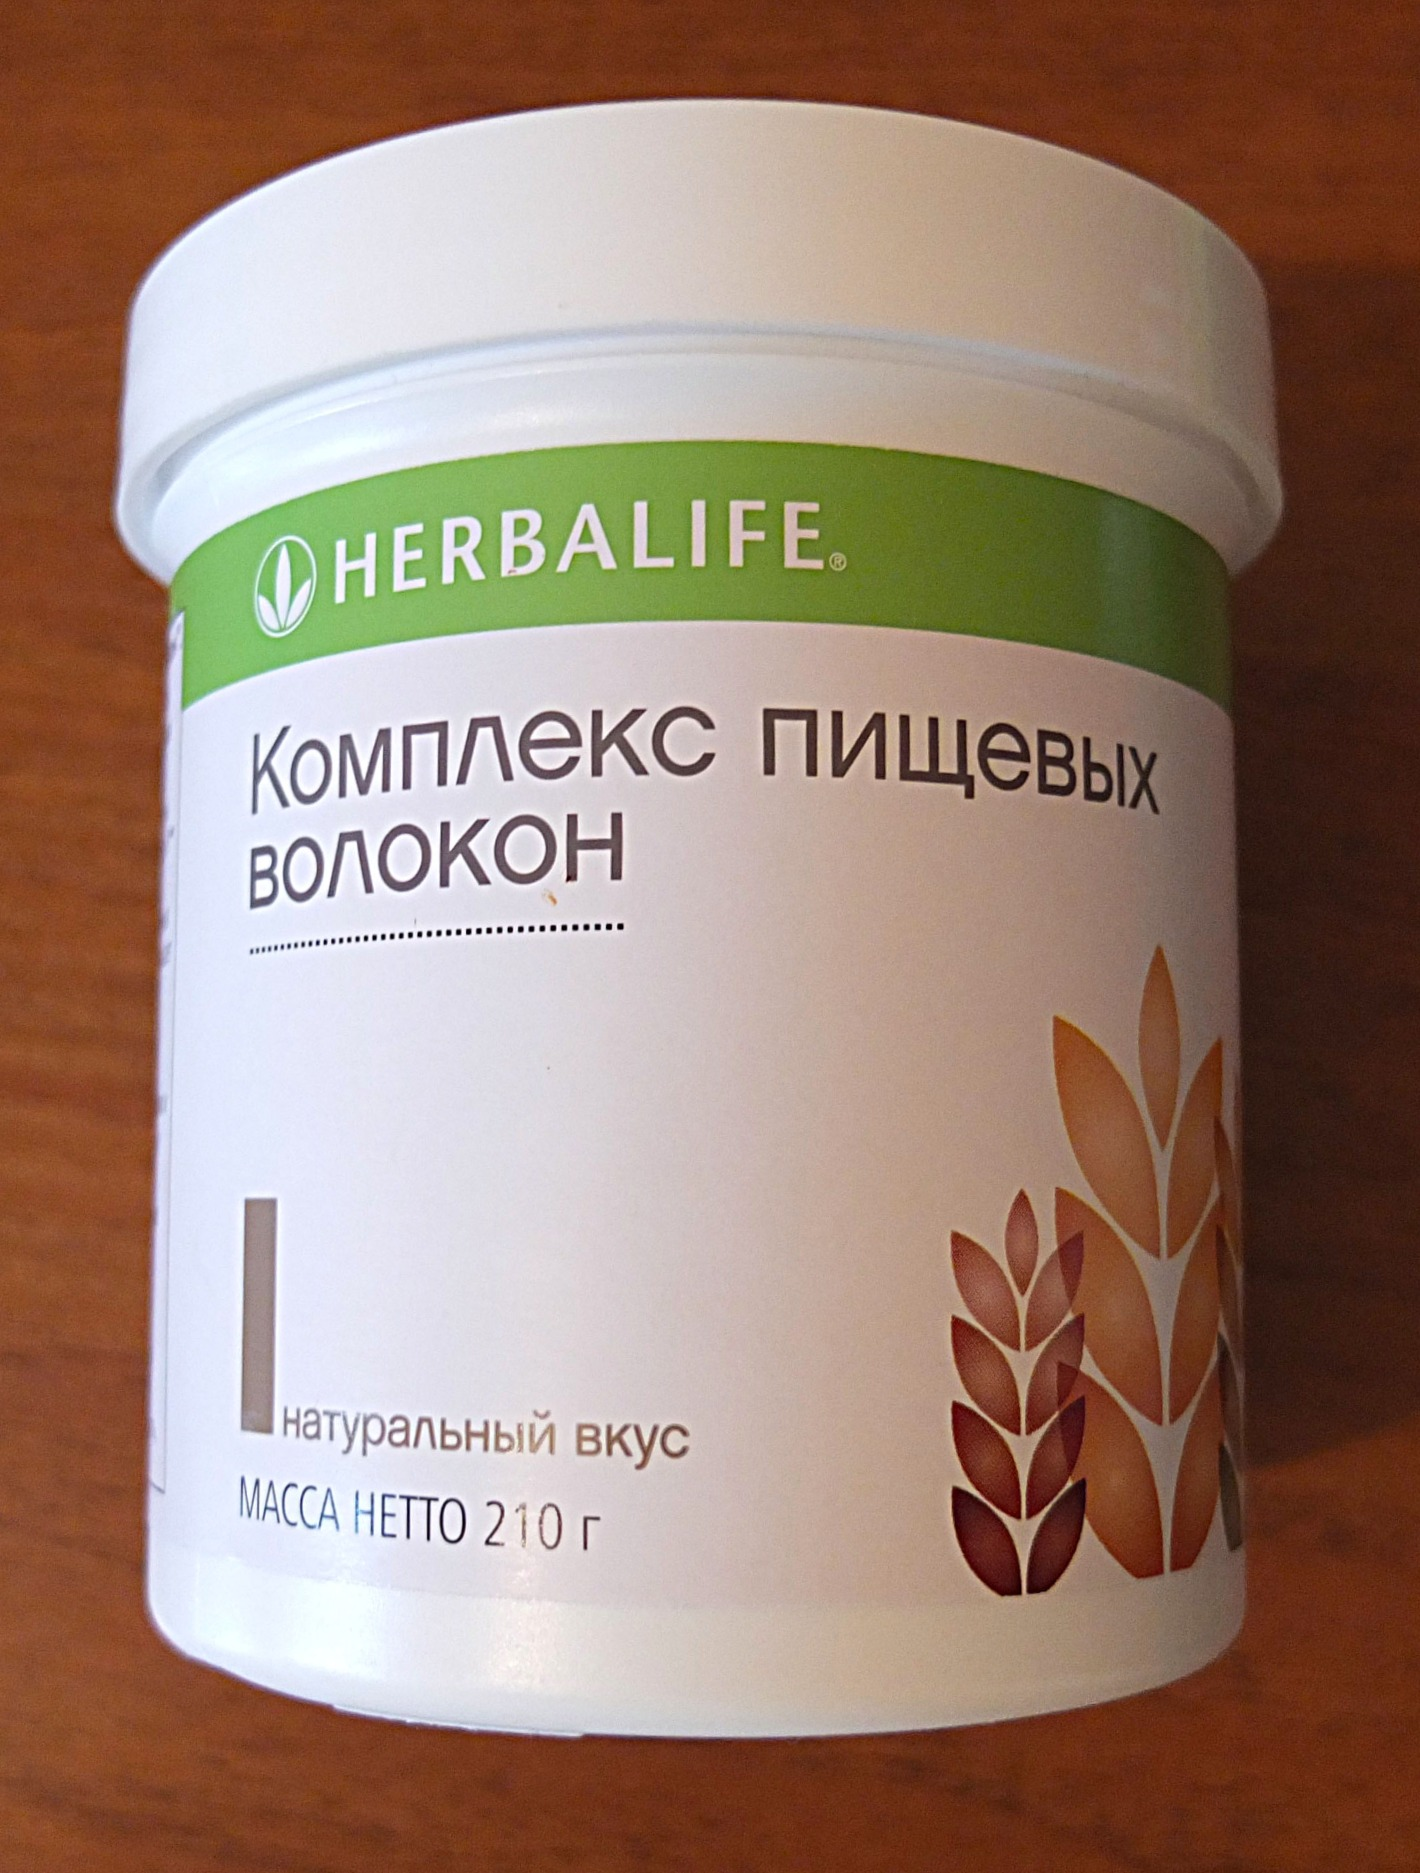 комплекс пищевых волокон гербалайф (1)